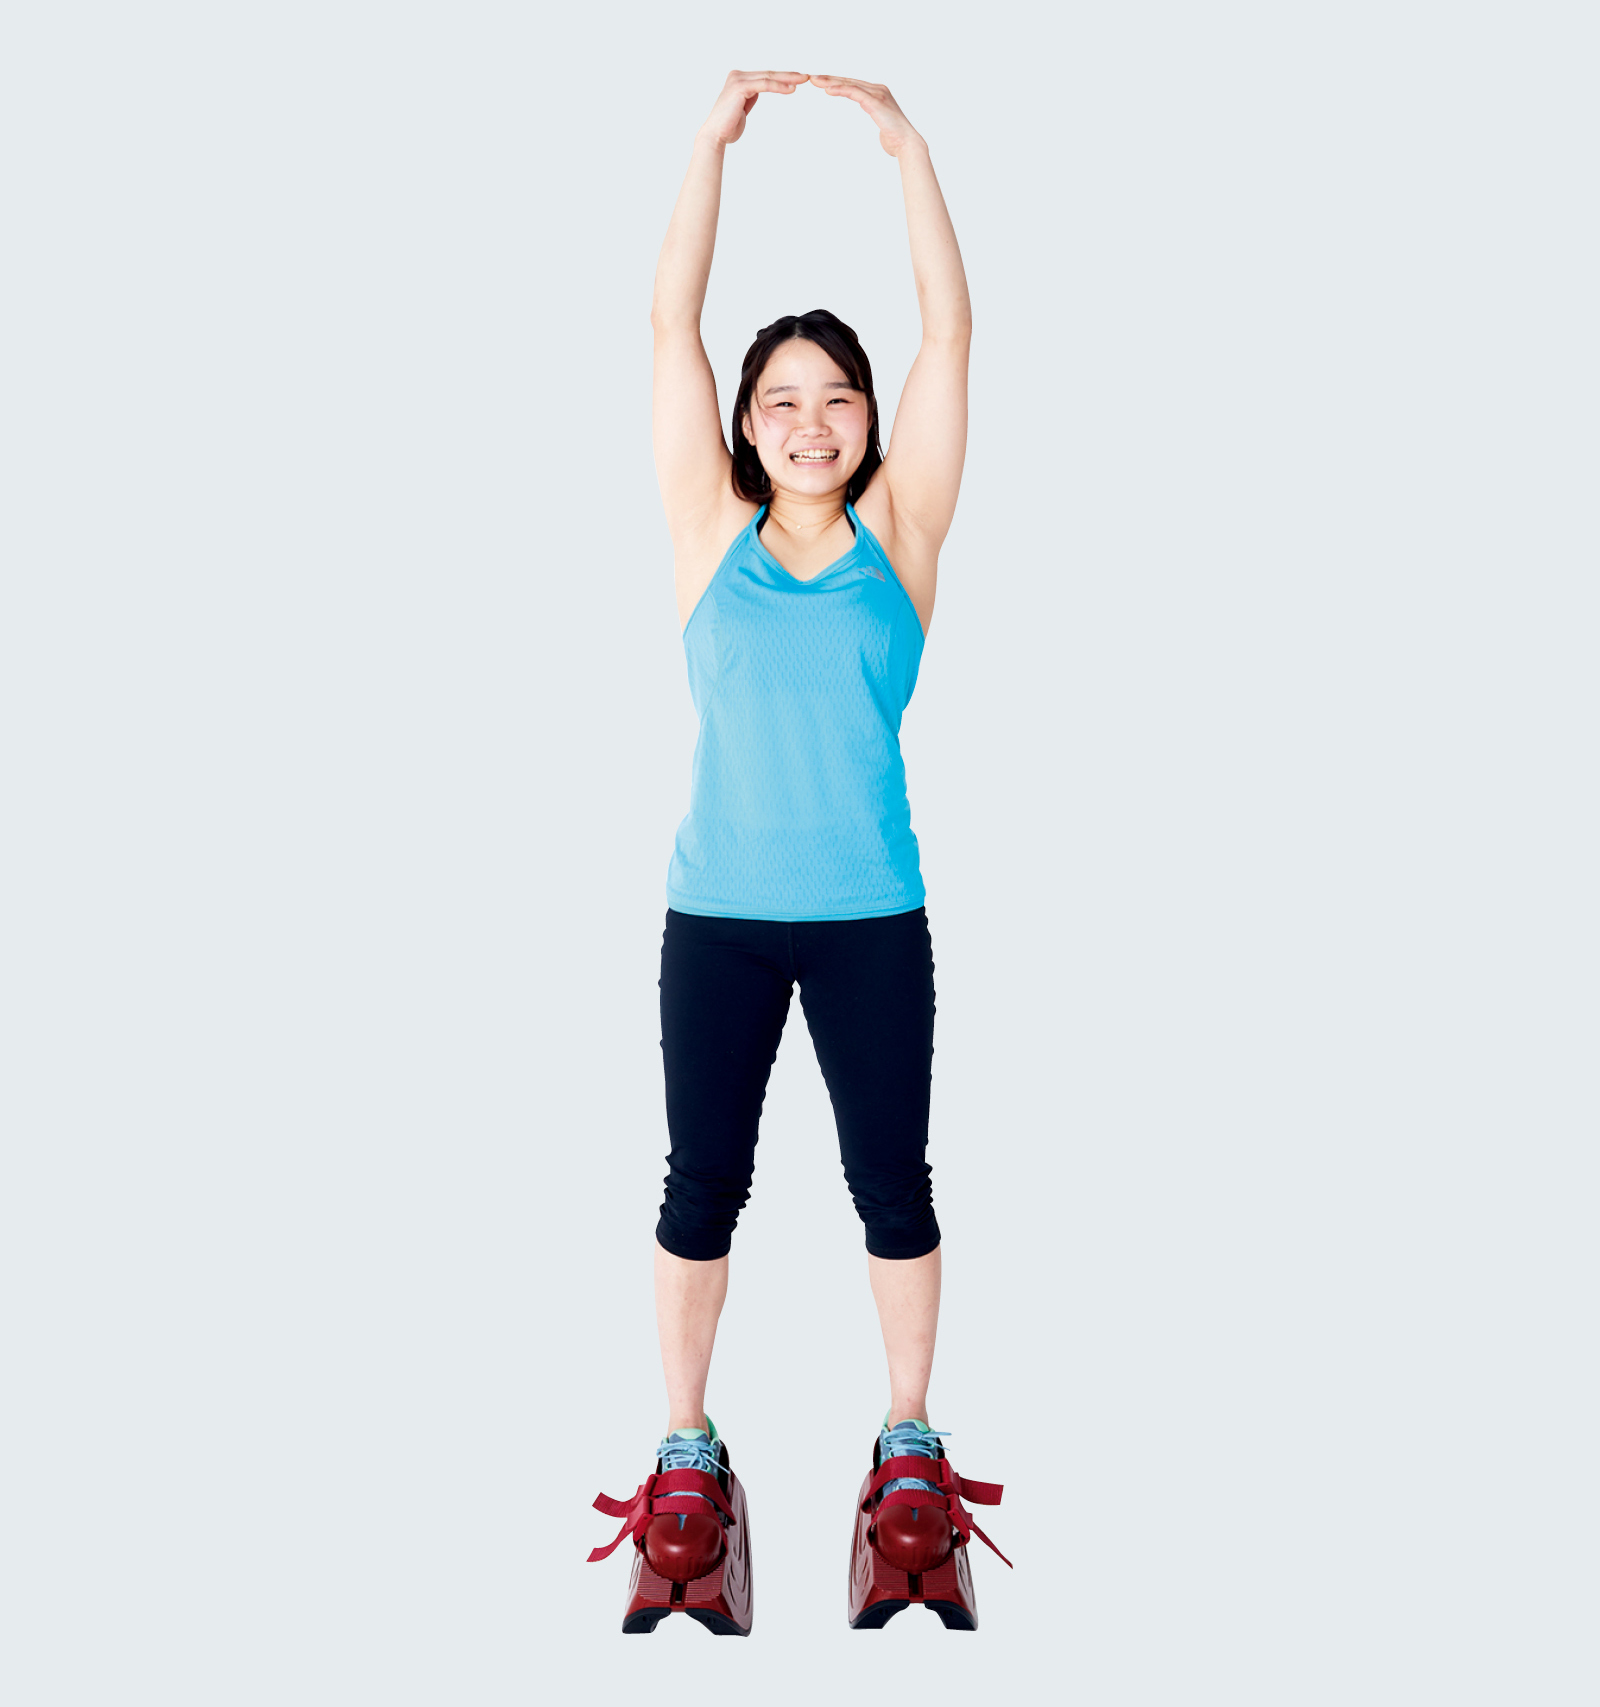 バランス能力と足首の柔軟性がアップしそう!